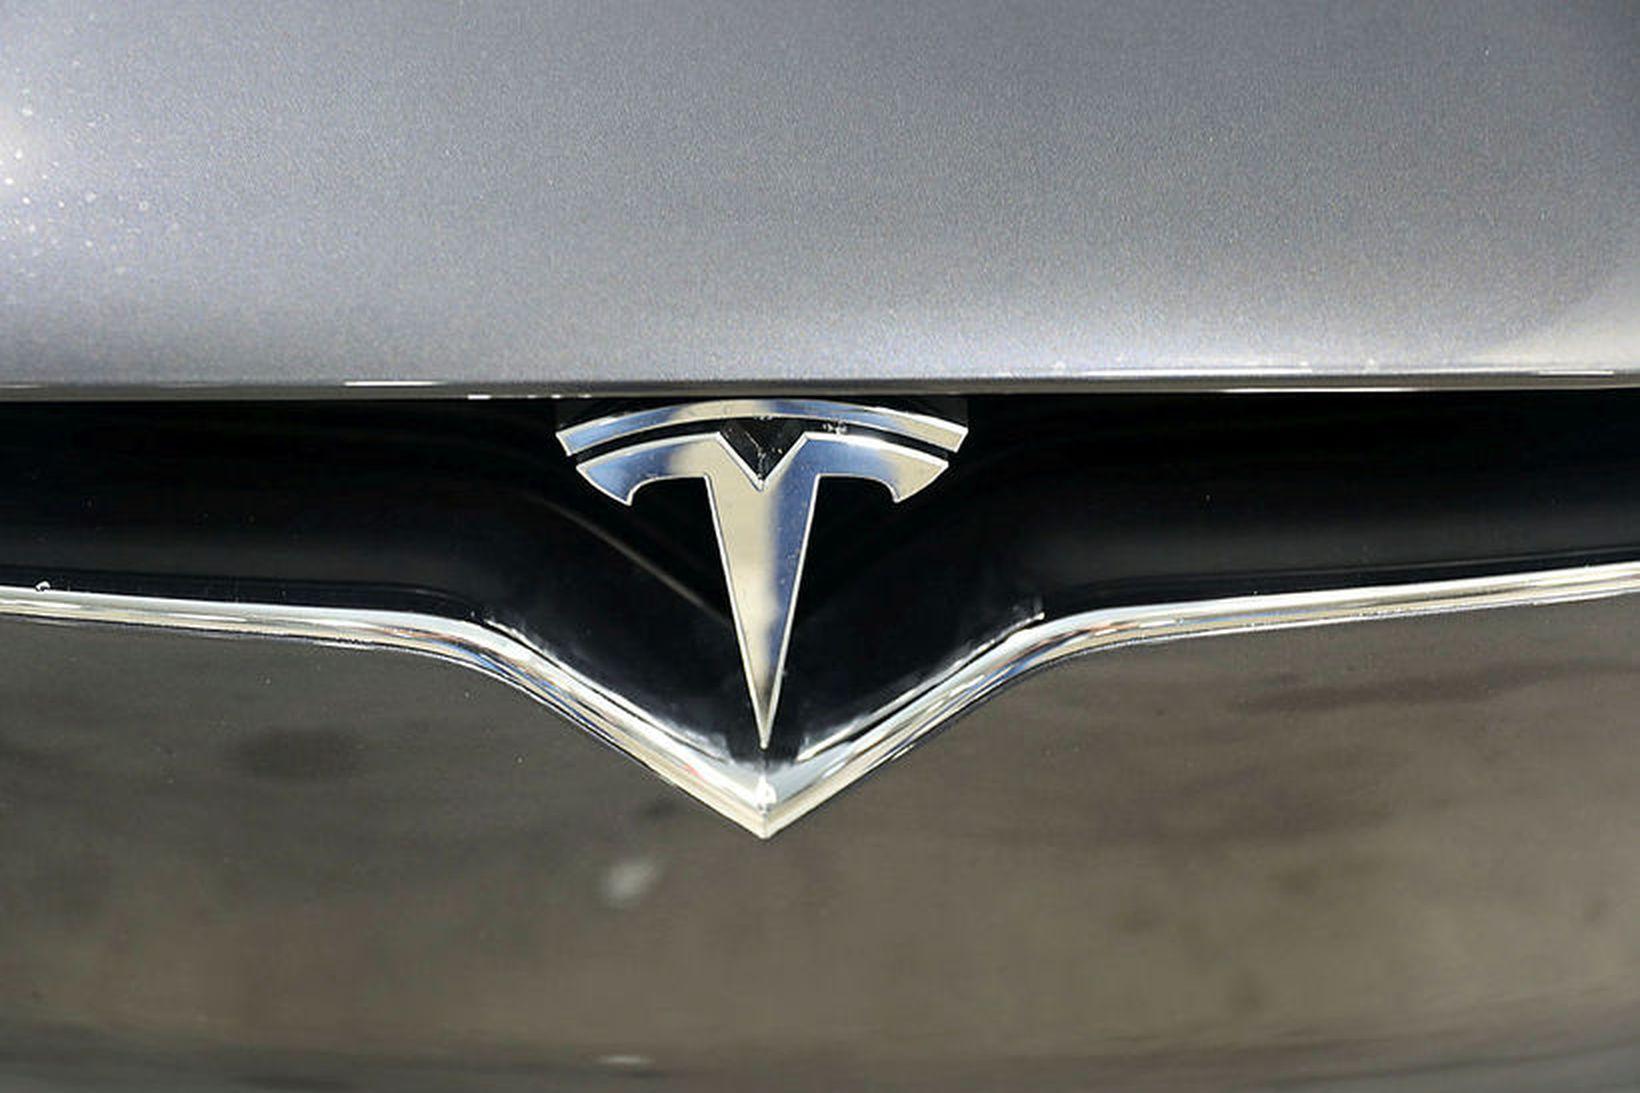 Maðurinn var á Tesla-bifreið með sjálfstýringarbúnaði og steinsvaf við stýrið …